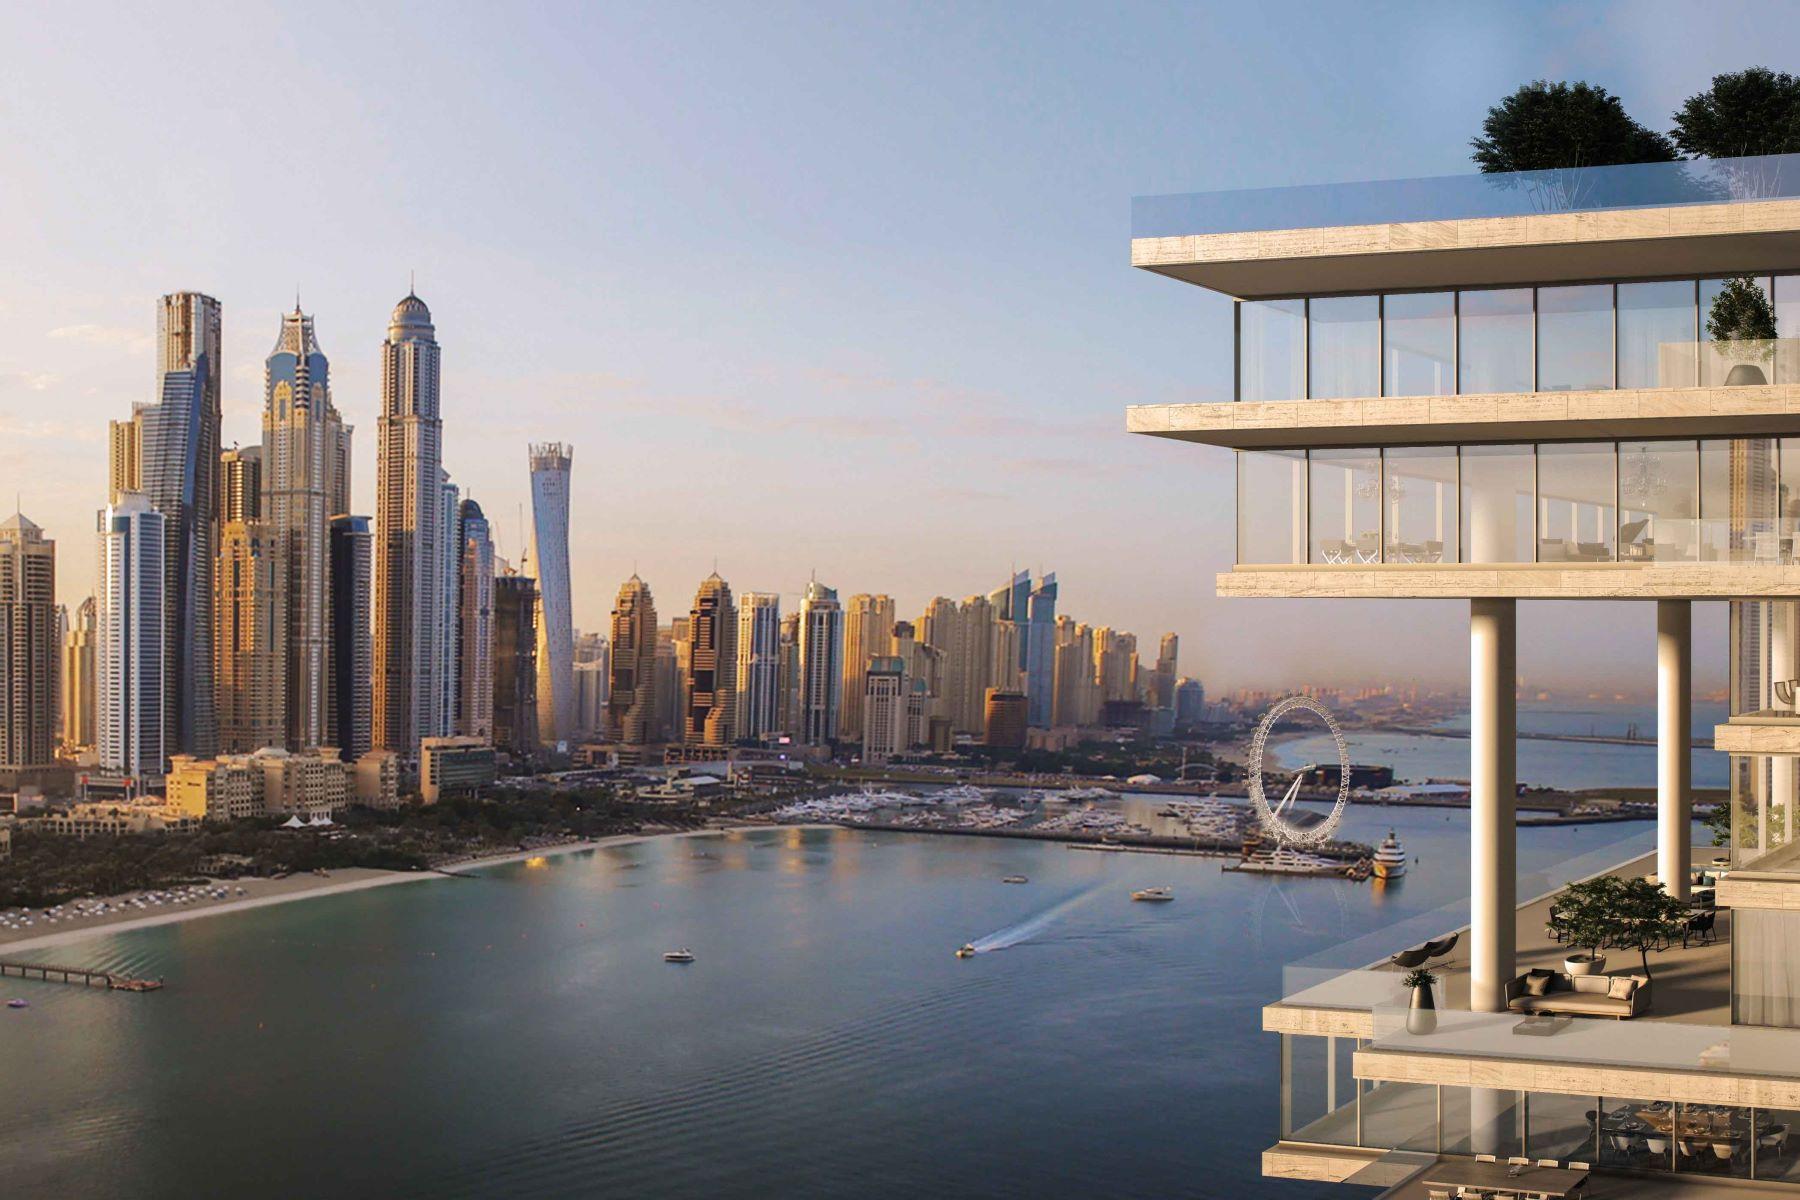 Propriété à vendre Dubai